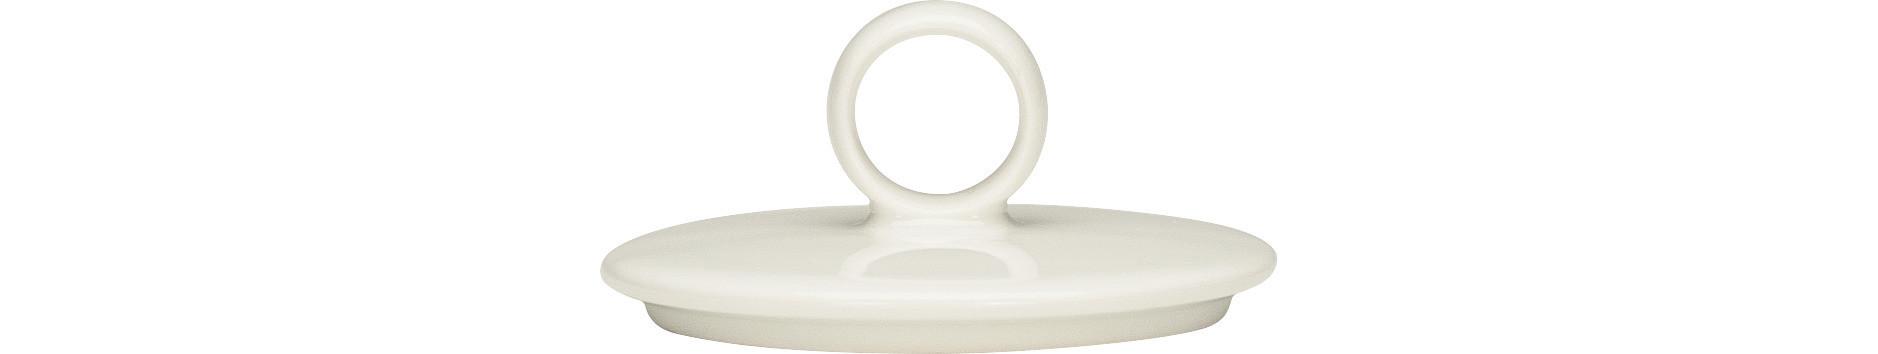 Purity, Deckel ø 64 mm für 0,09 l Bowl + Tasse